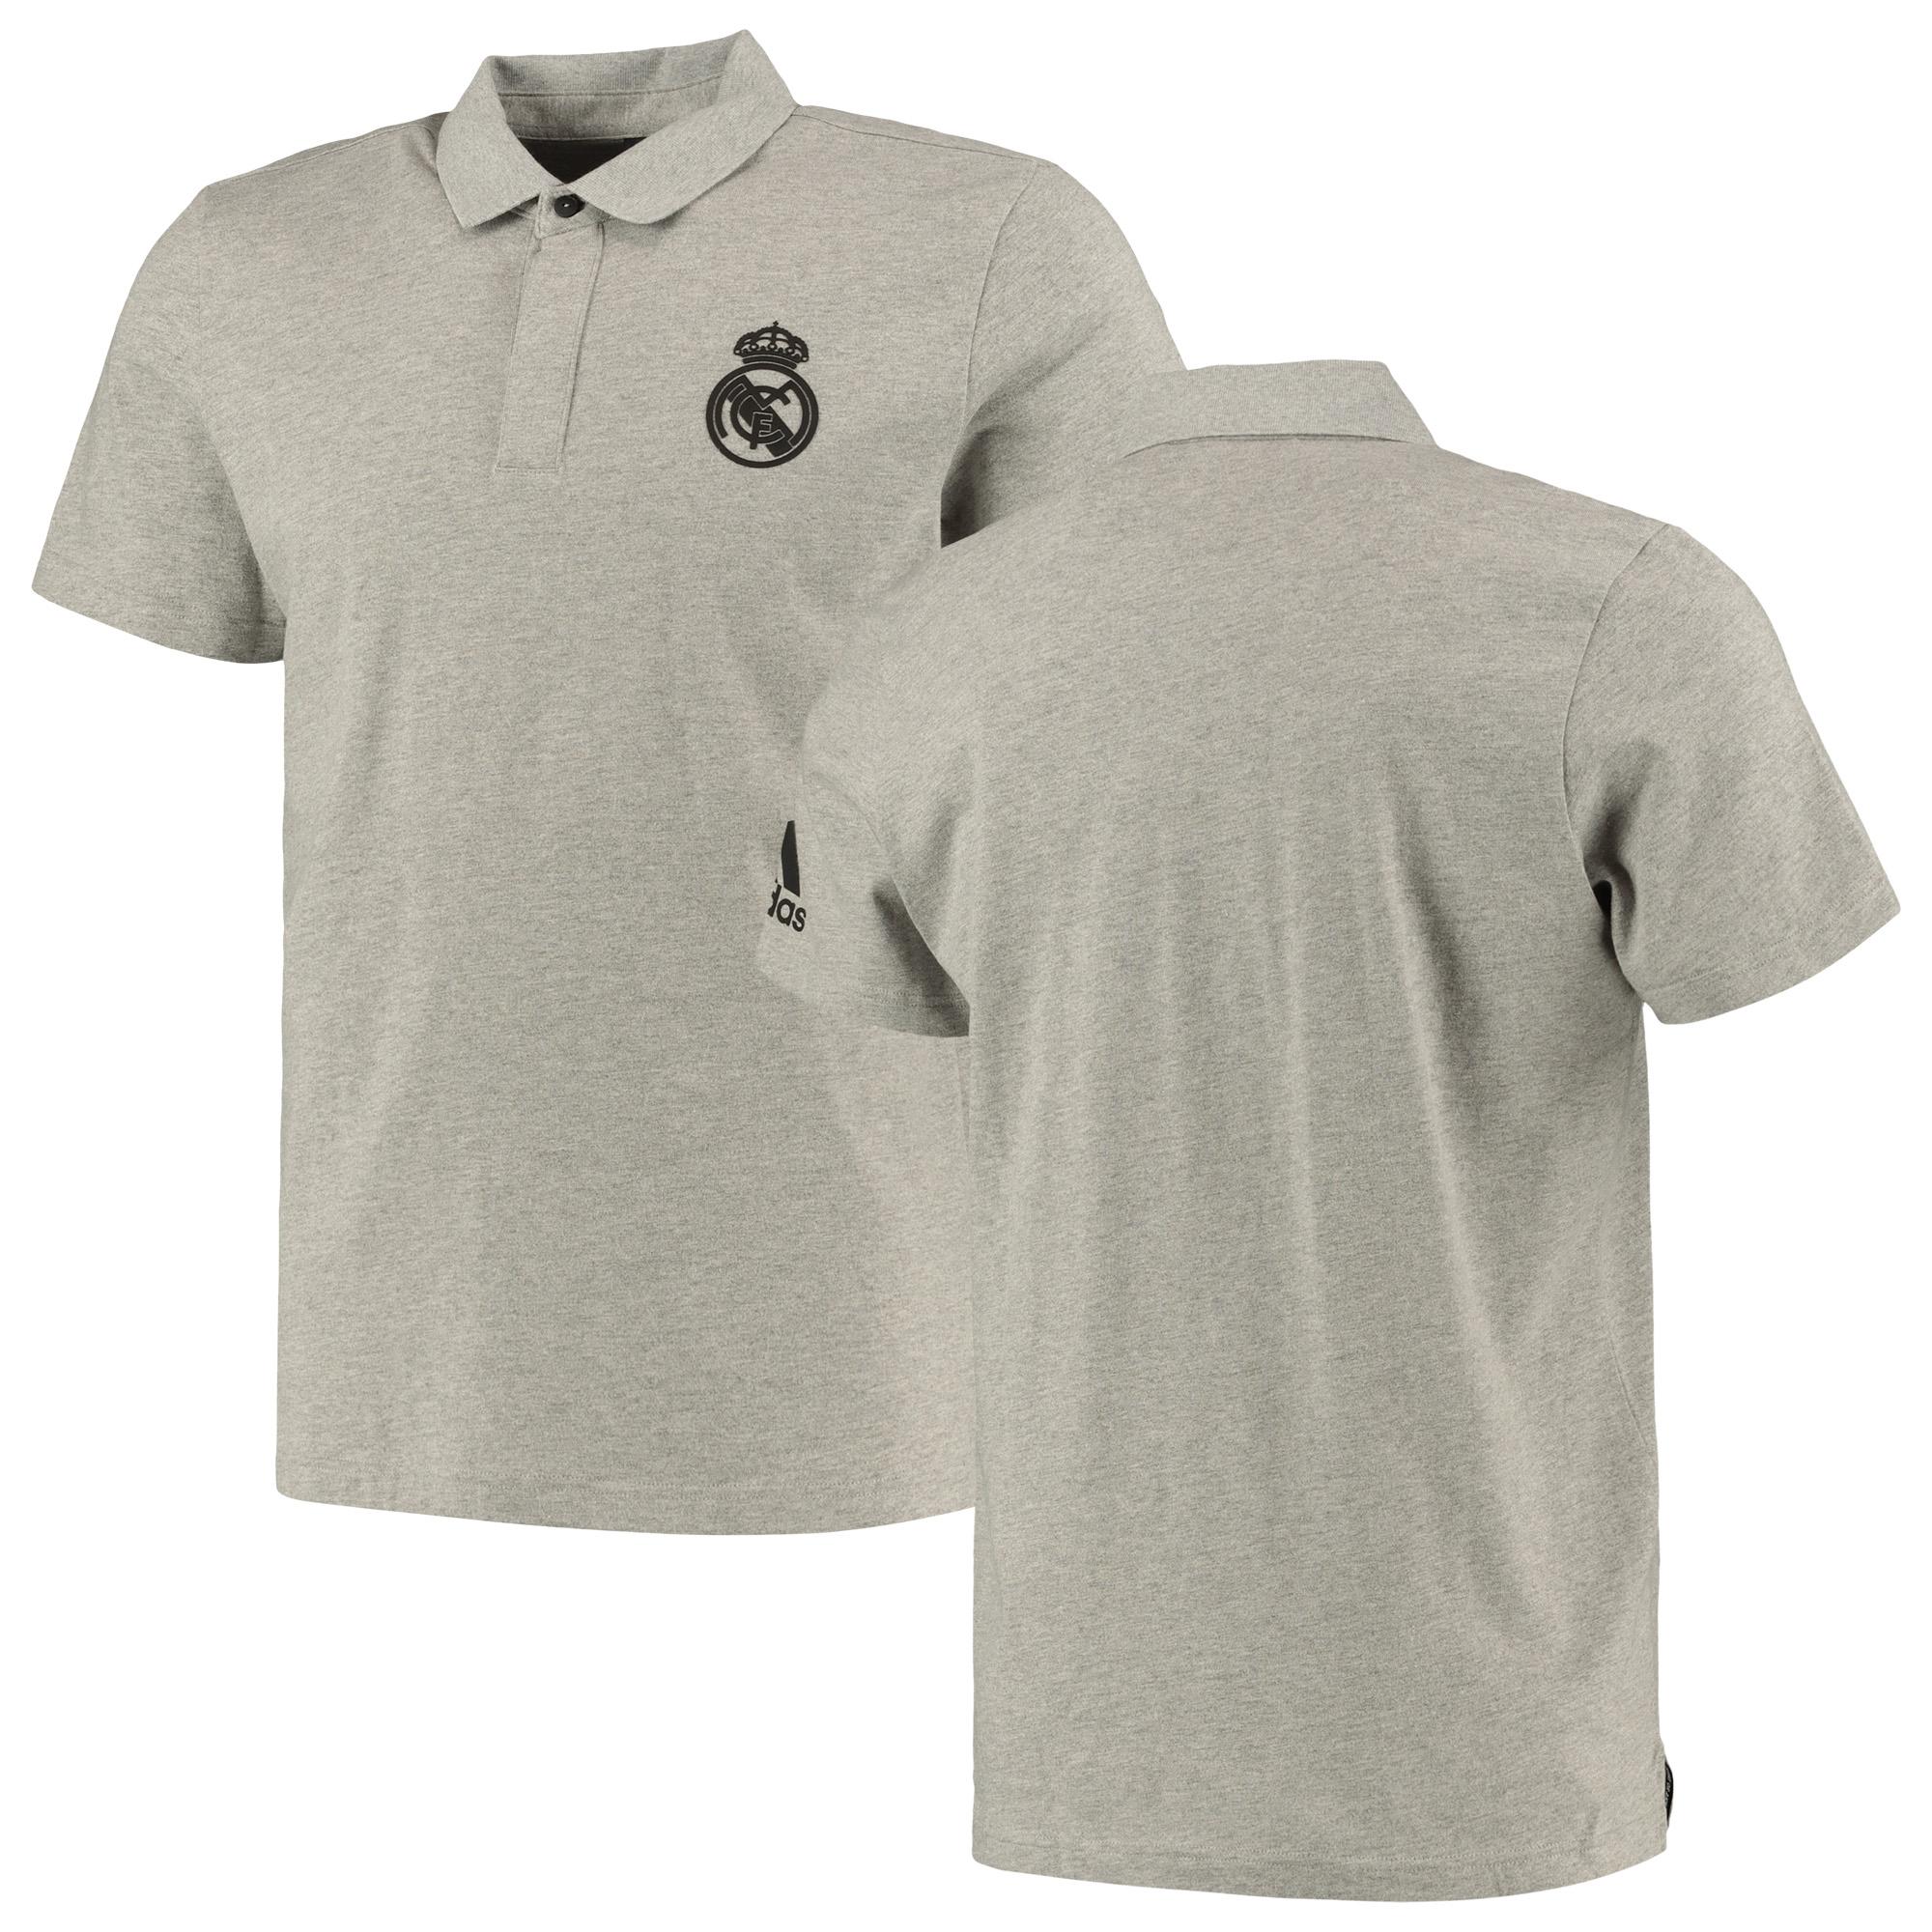 Polo de viaje del Real Madrid en gris